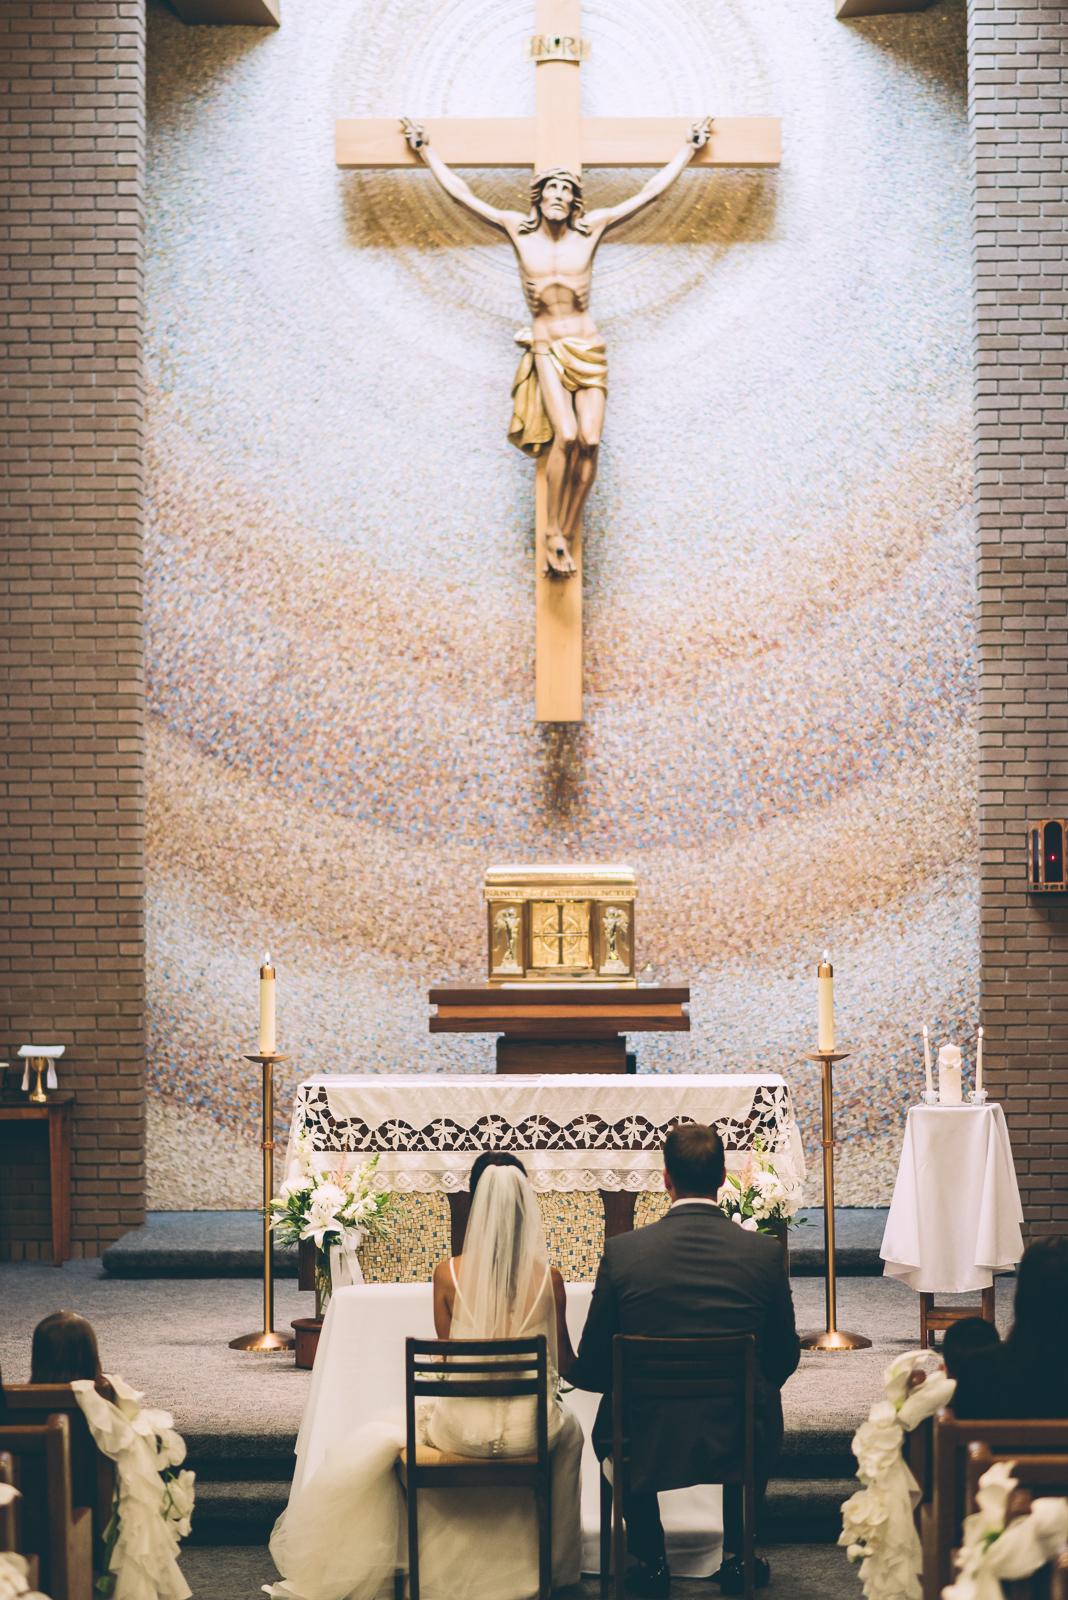 dan-josie-wedding-blog-100.jpg